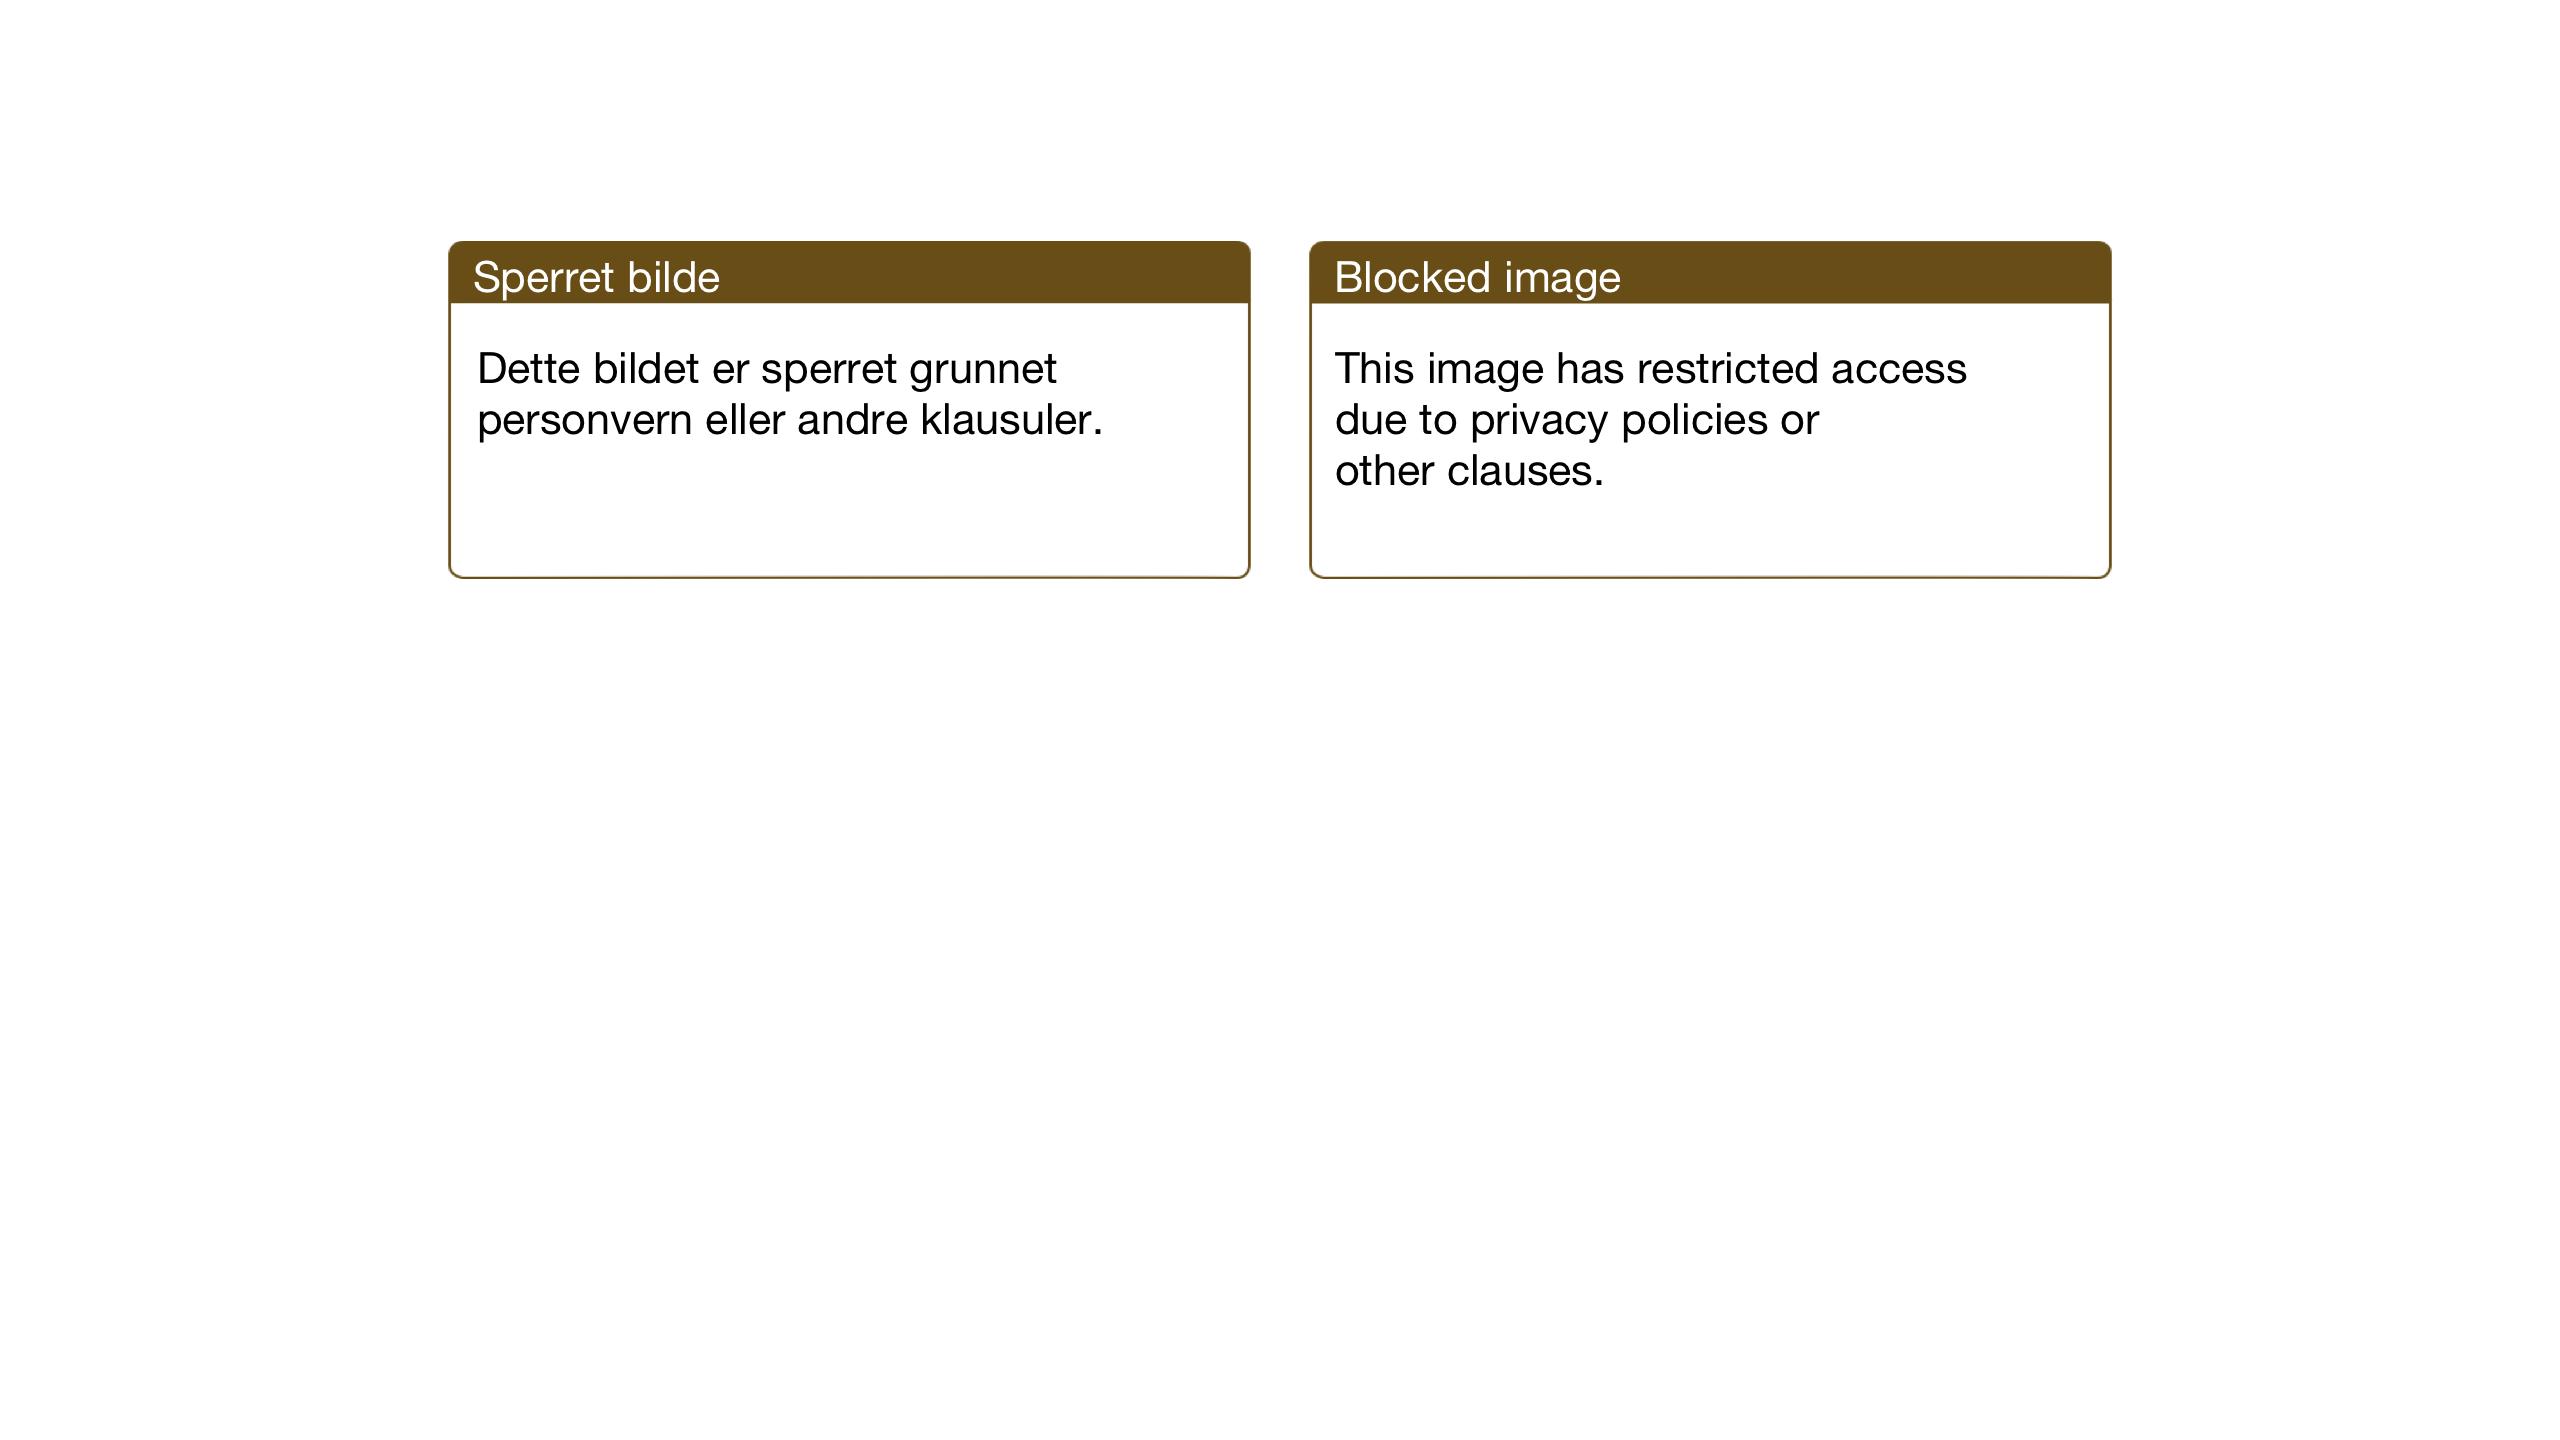 SAT, Ministerialprotokoller, klokkerbøker og fødselsregistre - Sør-Trøndelag, 611/L0356: Klokkerbok nr. 611C04, 1914-1938, s. 77